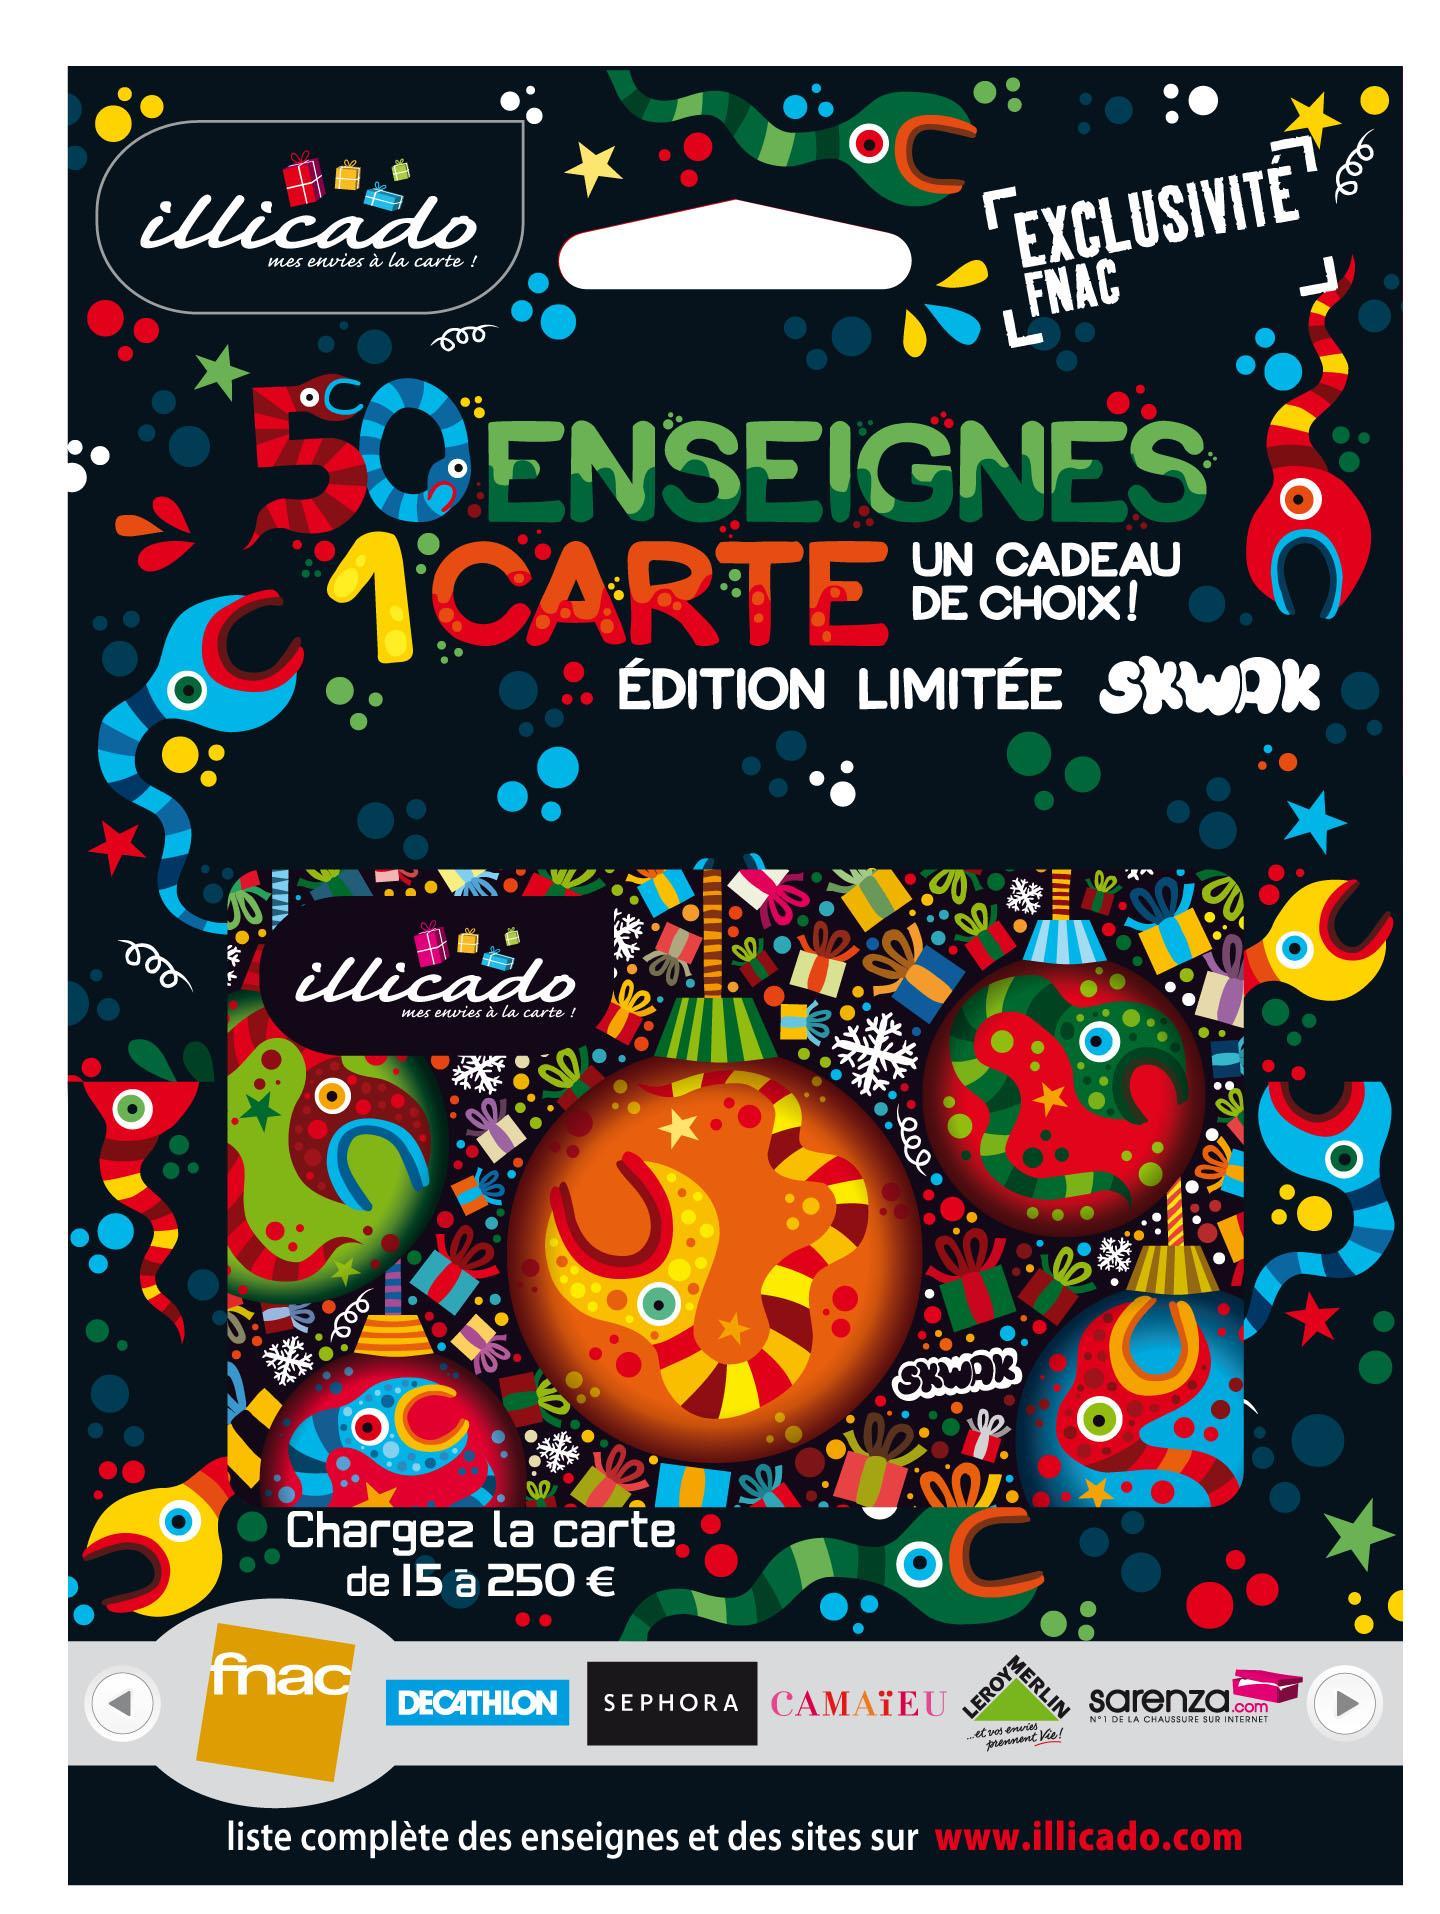 Carte Cadeau Illicado Fnac.Skwak Conseils D Experts Fnac